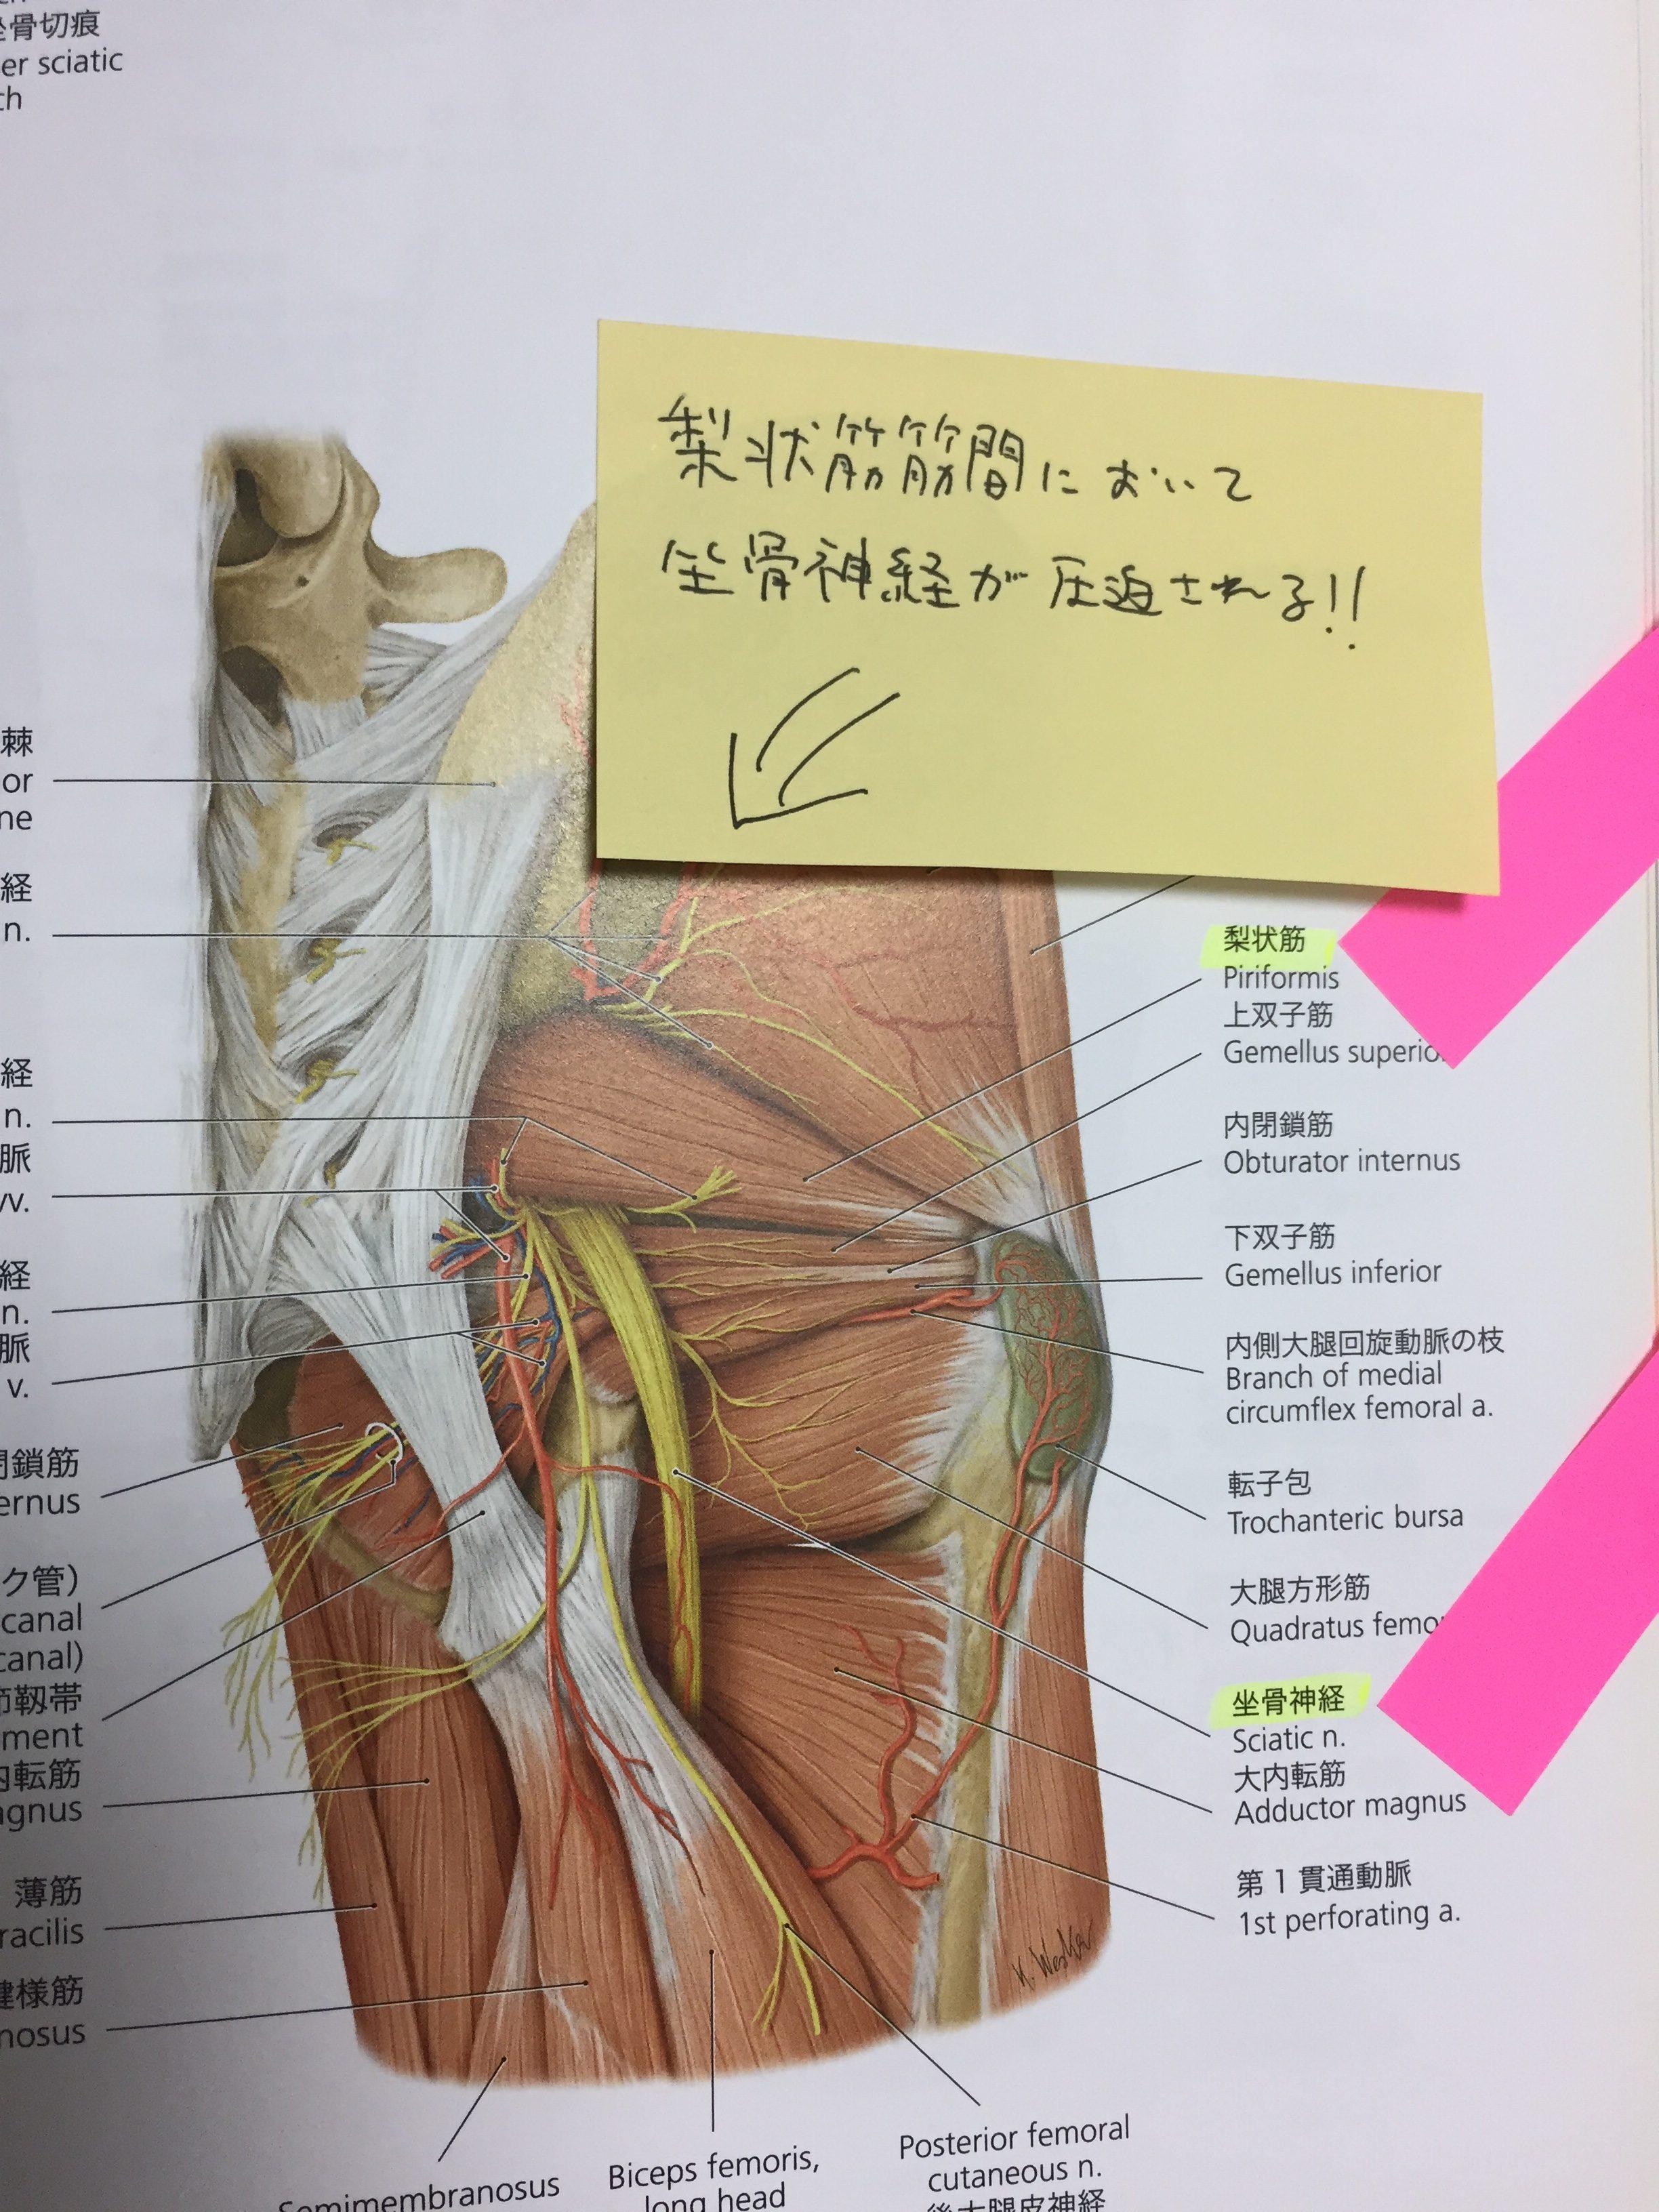 神経痛 症状 坐骨